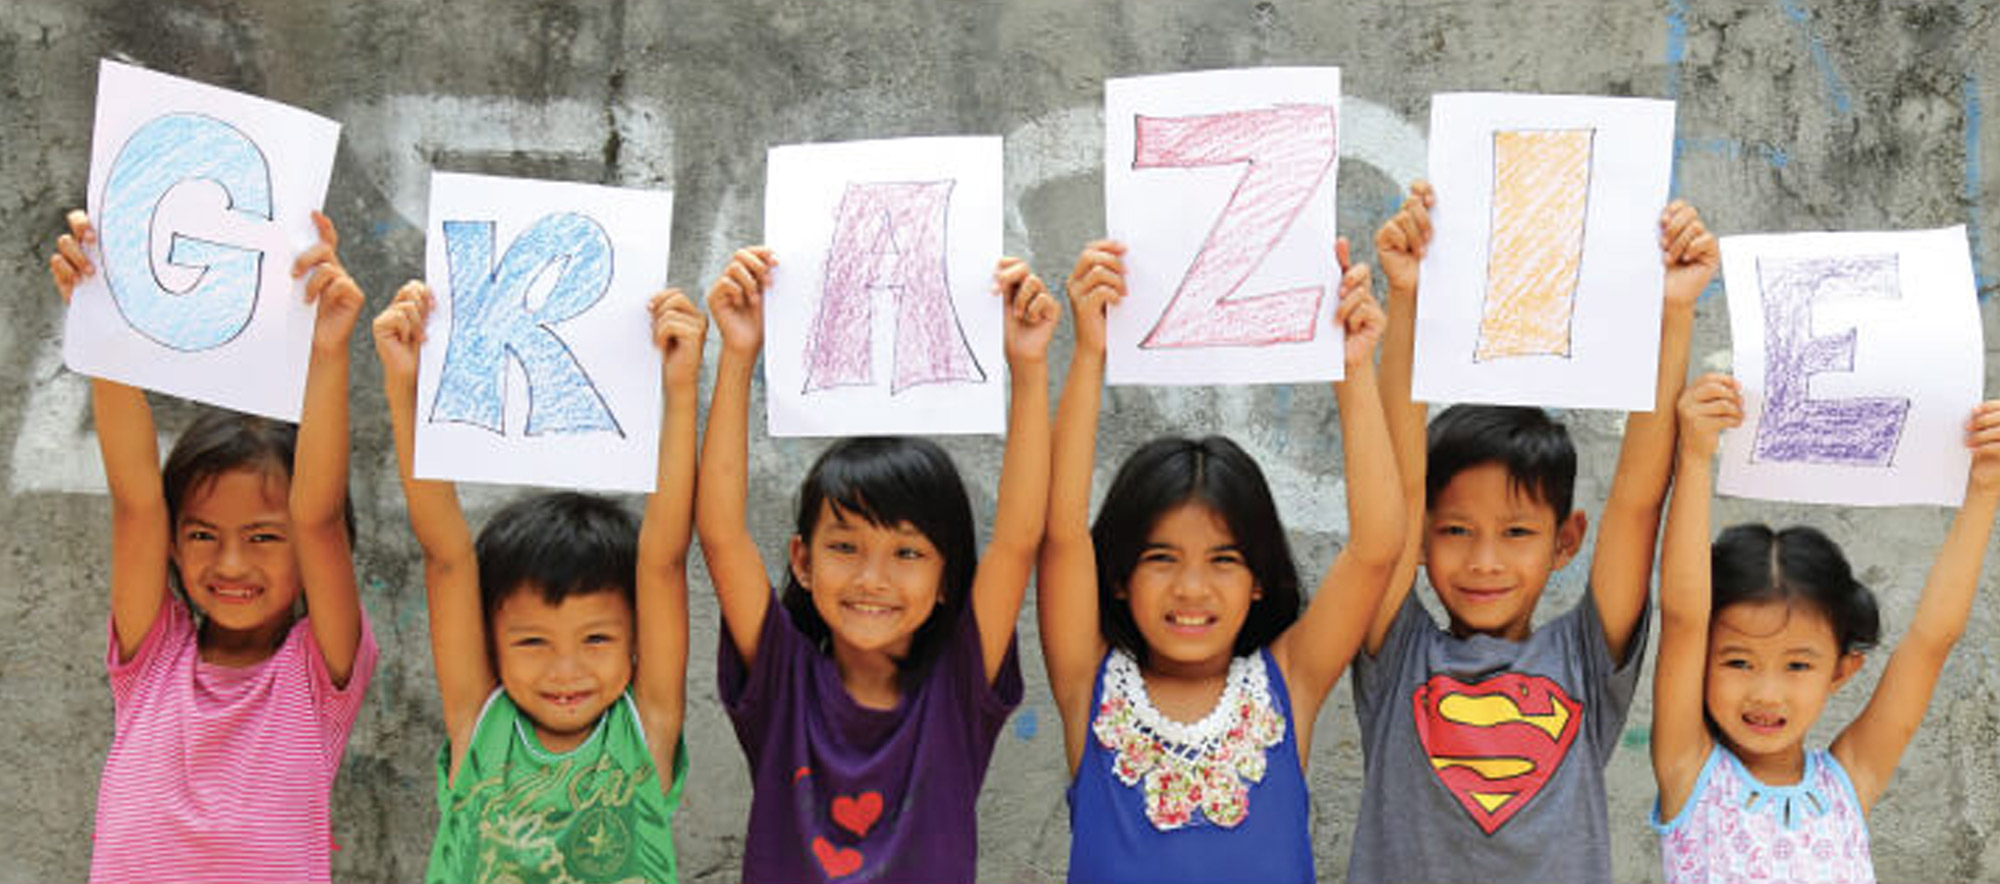 Gik Impianti festeggia con Save the children